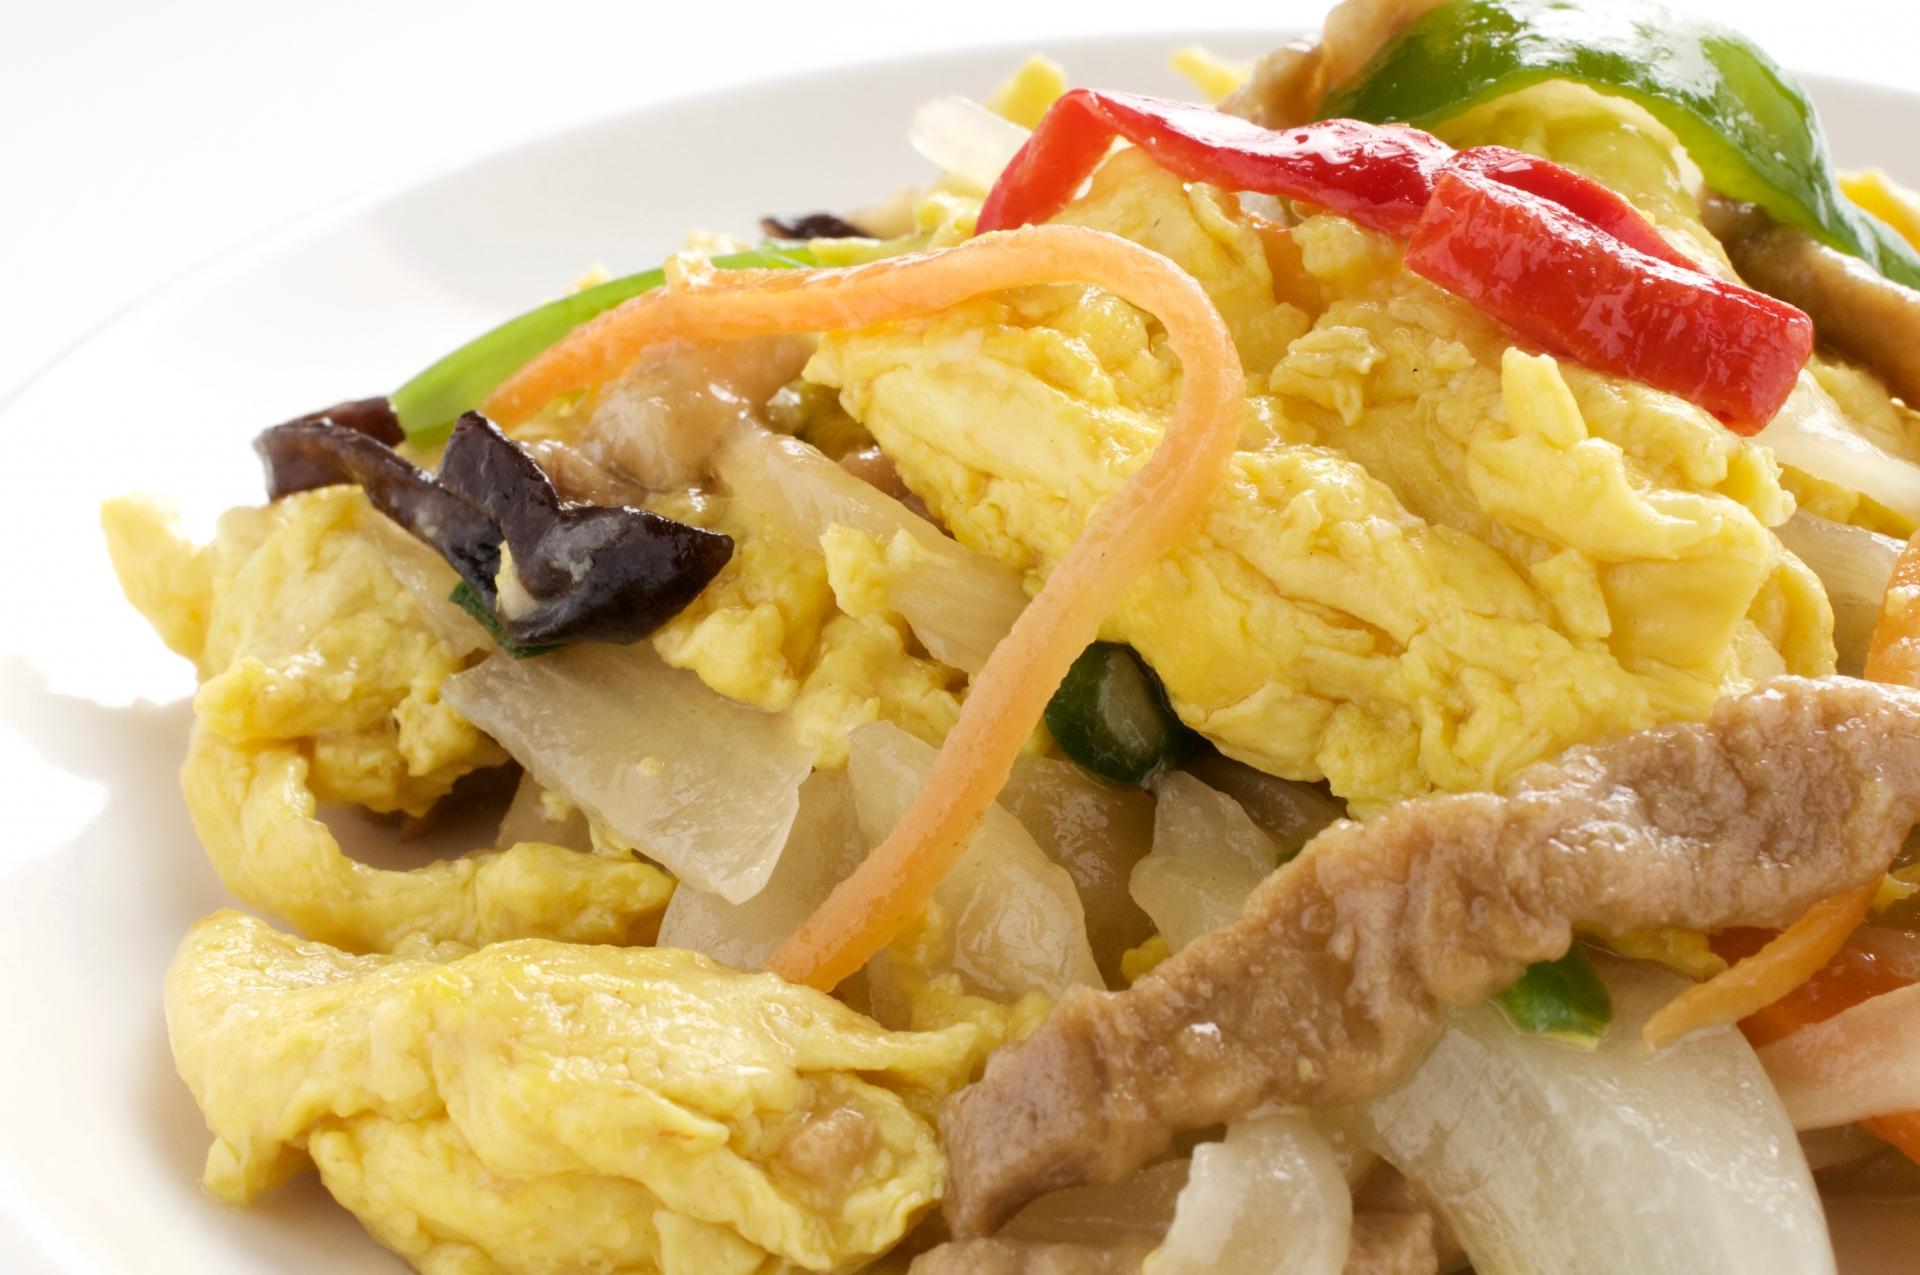 あさイチで紹介されたきくらげレシピ|木須肉(ムースーロウ)